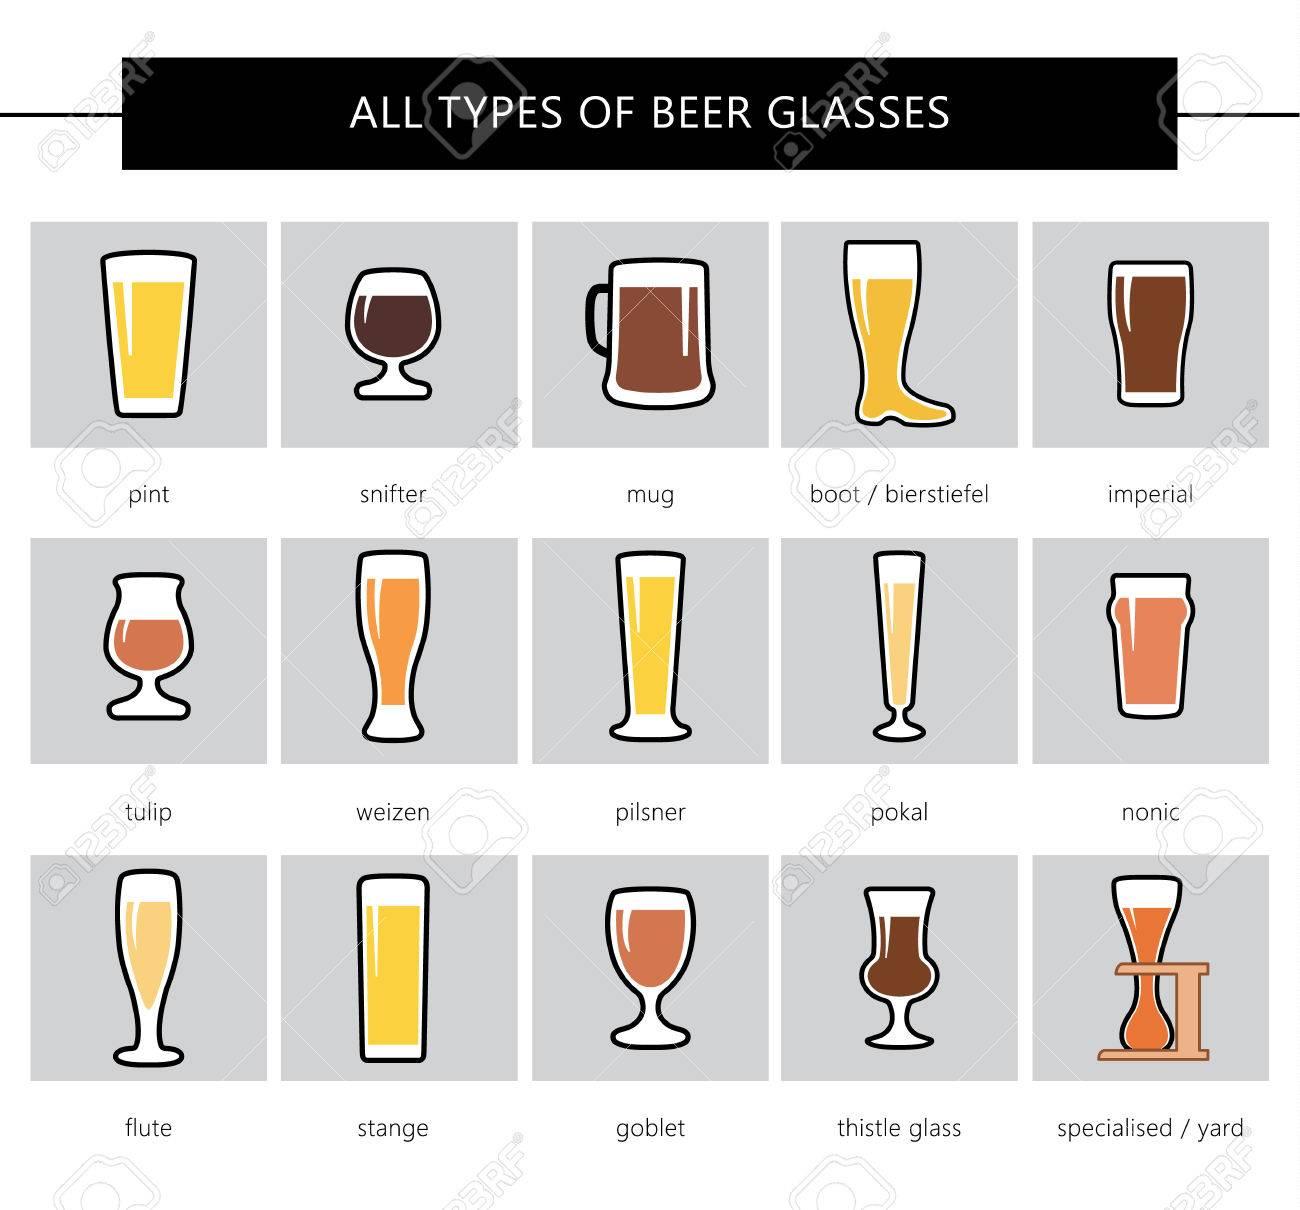 1f469c912b5a3a Banque d images - Tous les types de verres à bière, différentes couleurs.  Icône réglée dans un style plat. Différentes formes de lunettes. Vecteur.